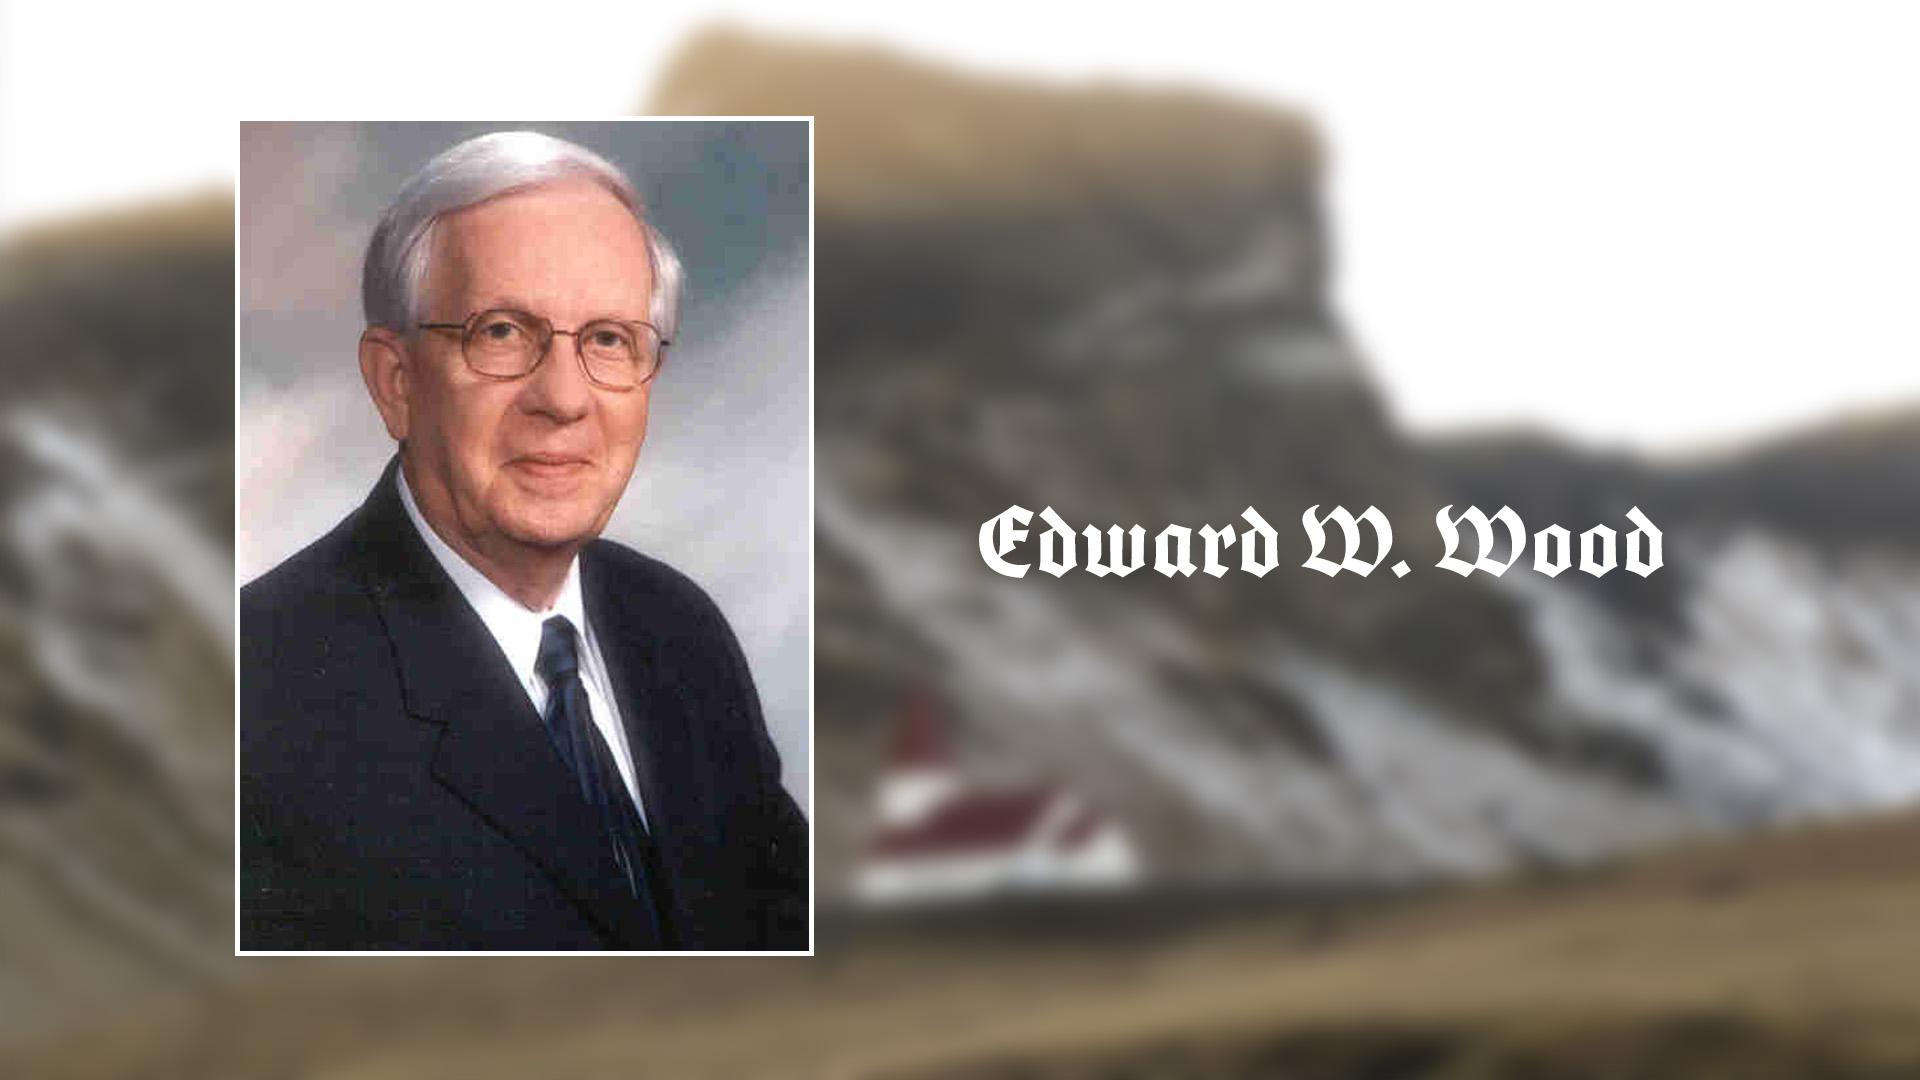 Edward W. Wood